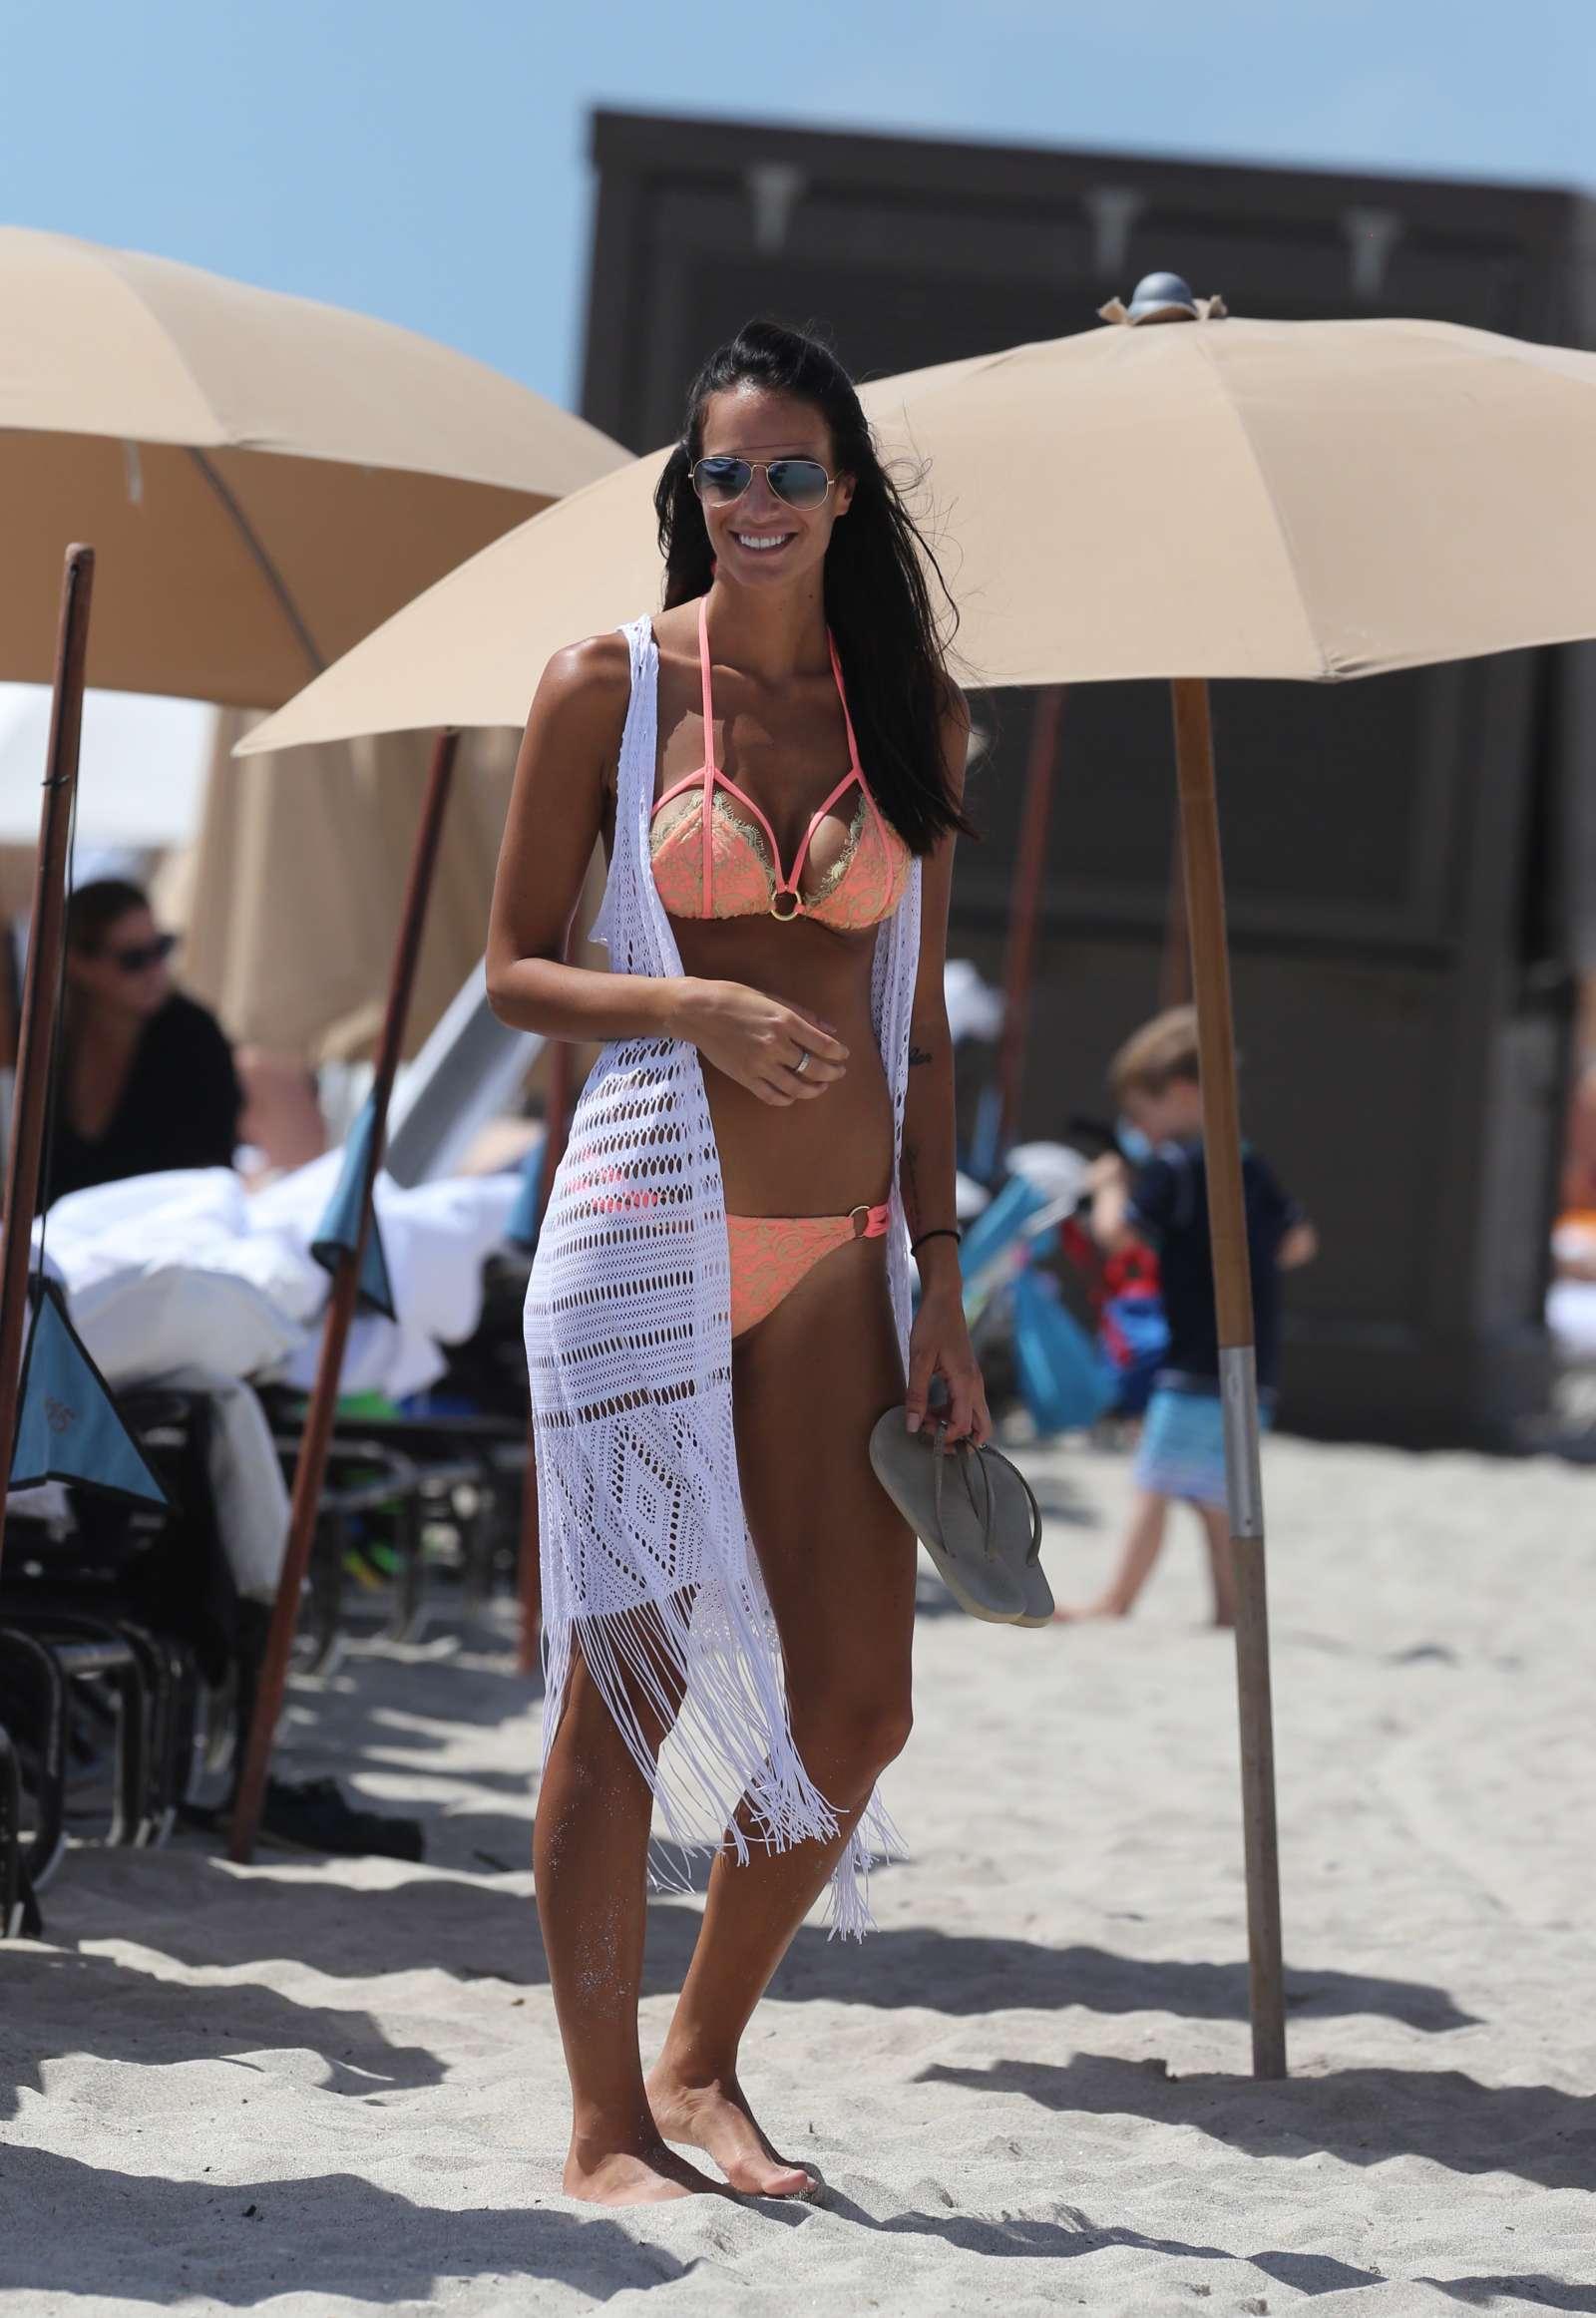 Jade Lagardere in Bikini on Miami Beach